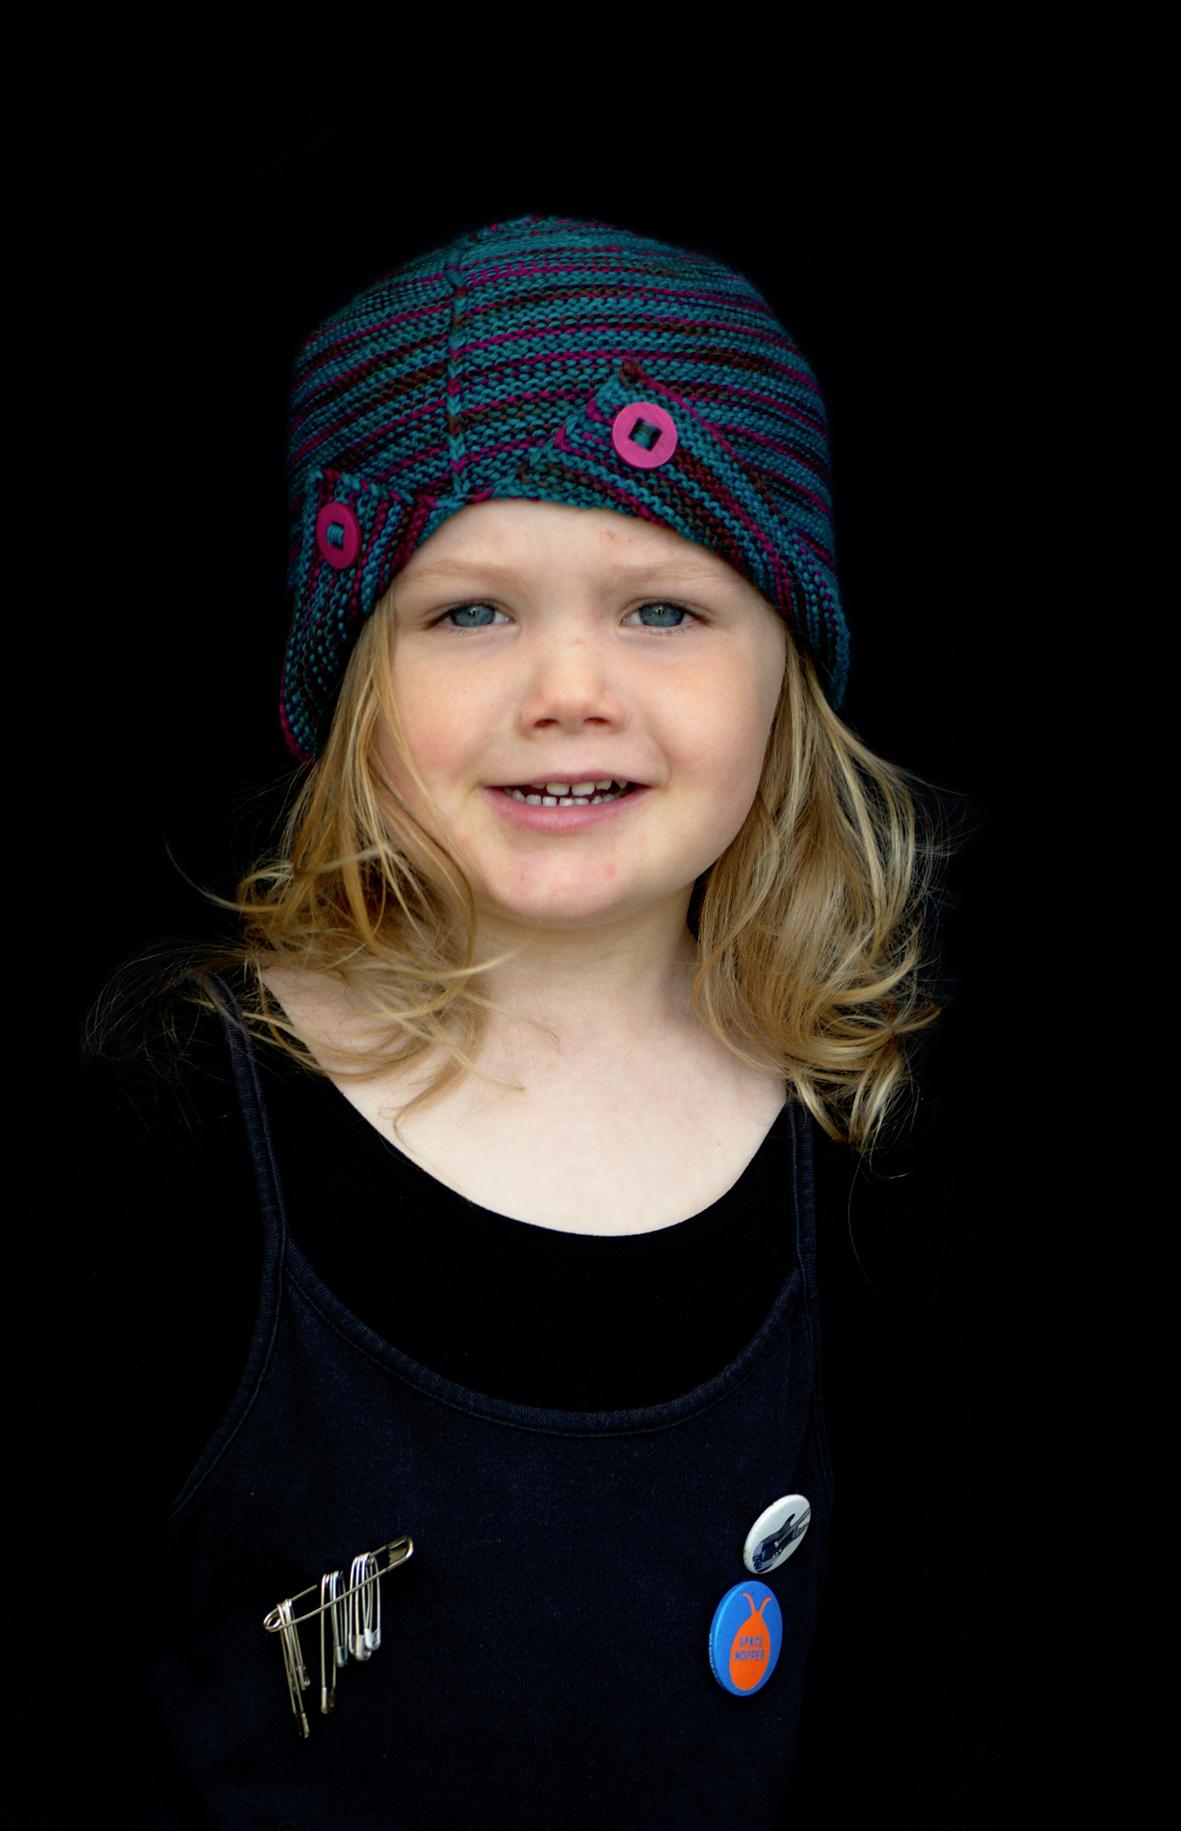 Wychavon cloche Hat hand knitting pattern